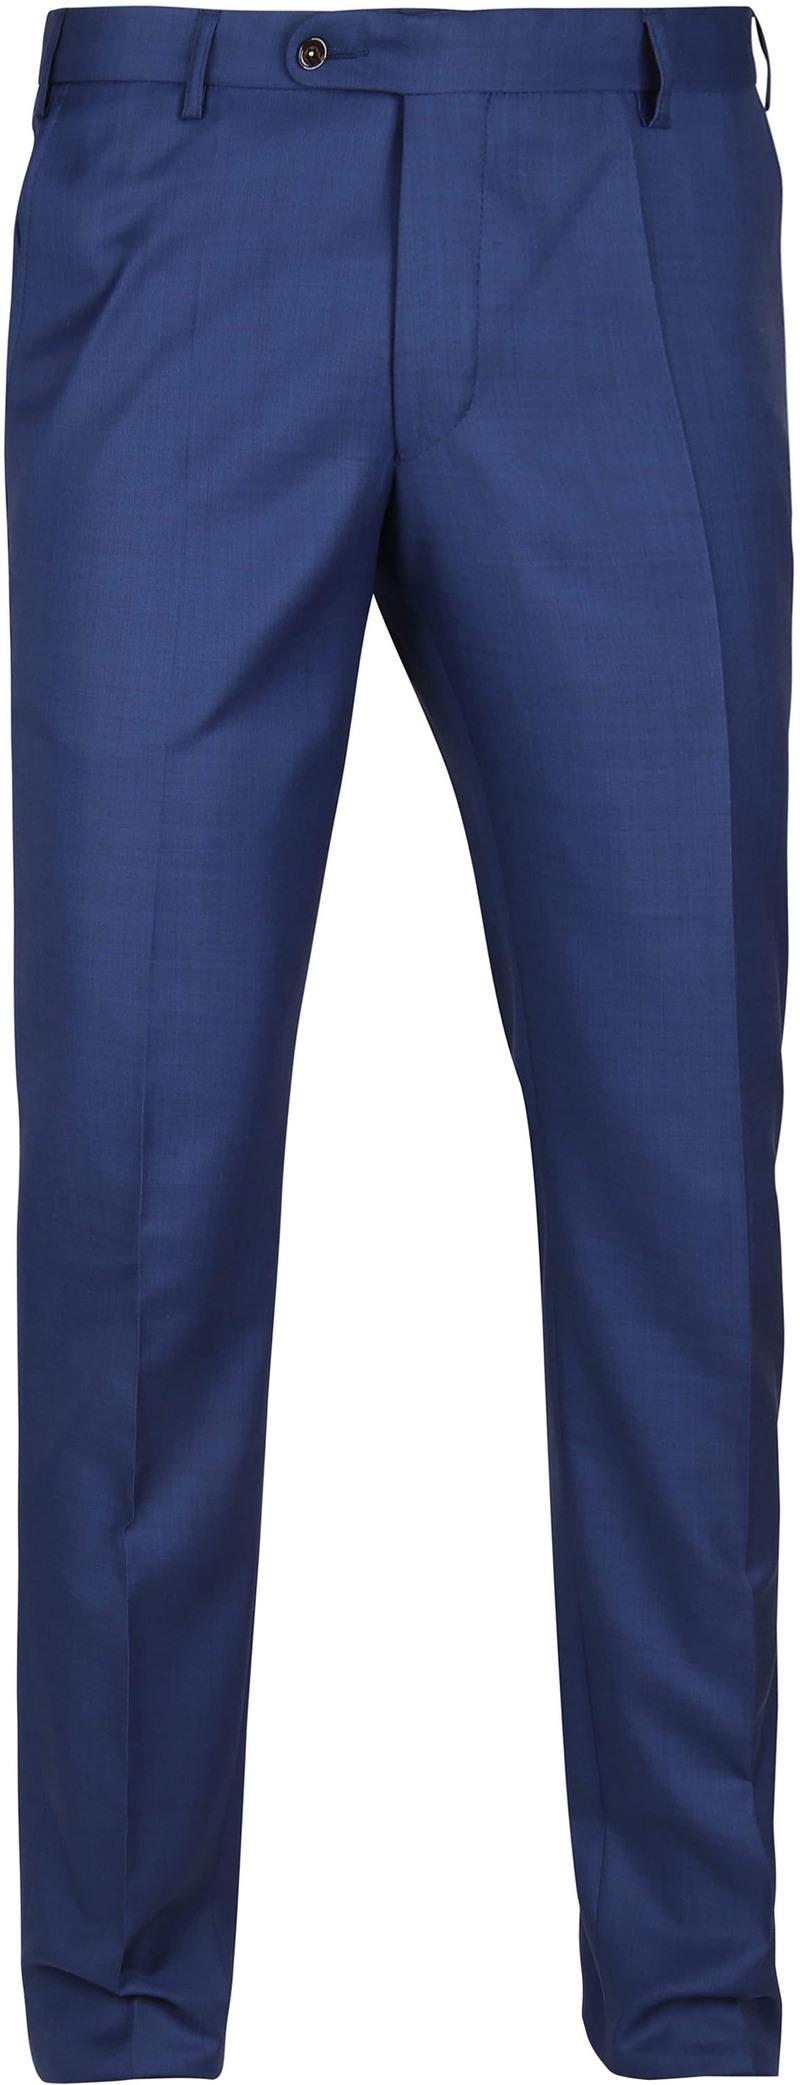 Suitable Pantalon Evans Blauw foto 0